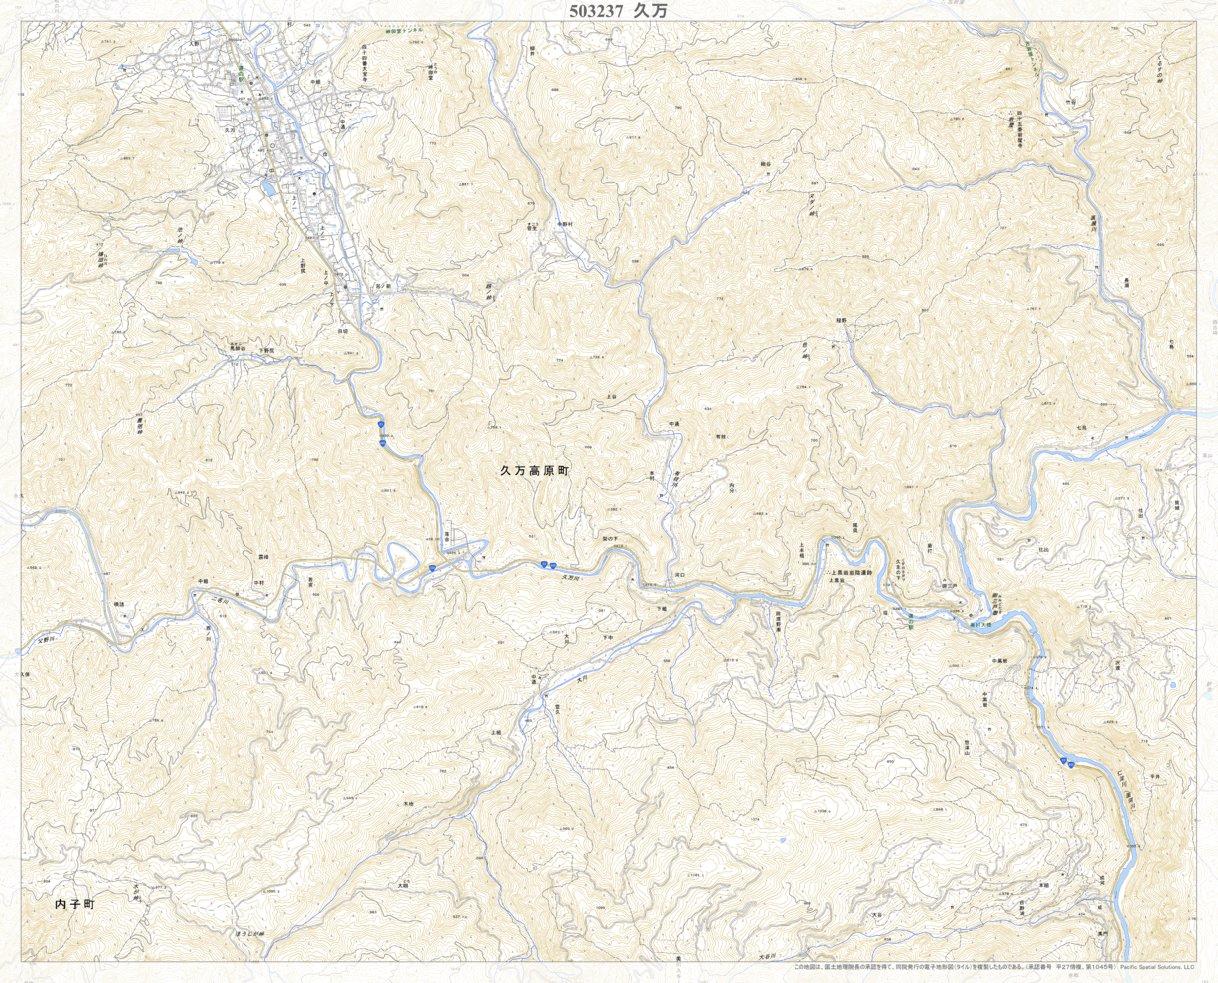 503237 久万 (くま Kuma), 地形図